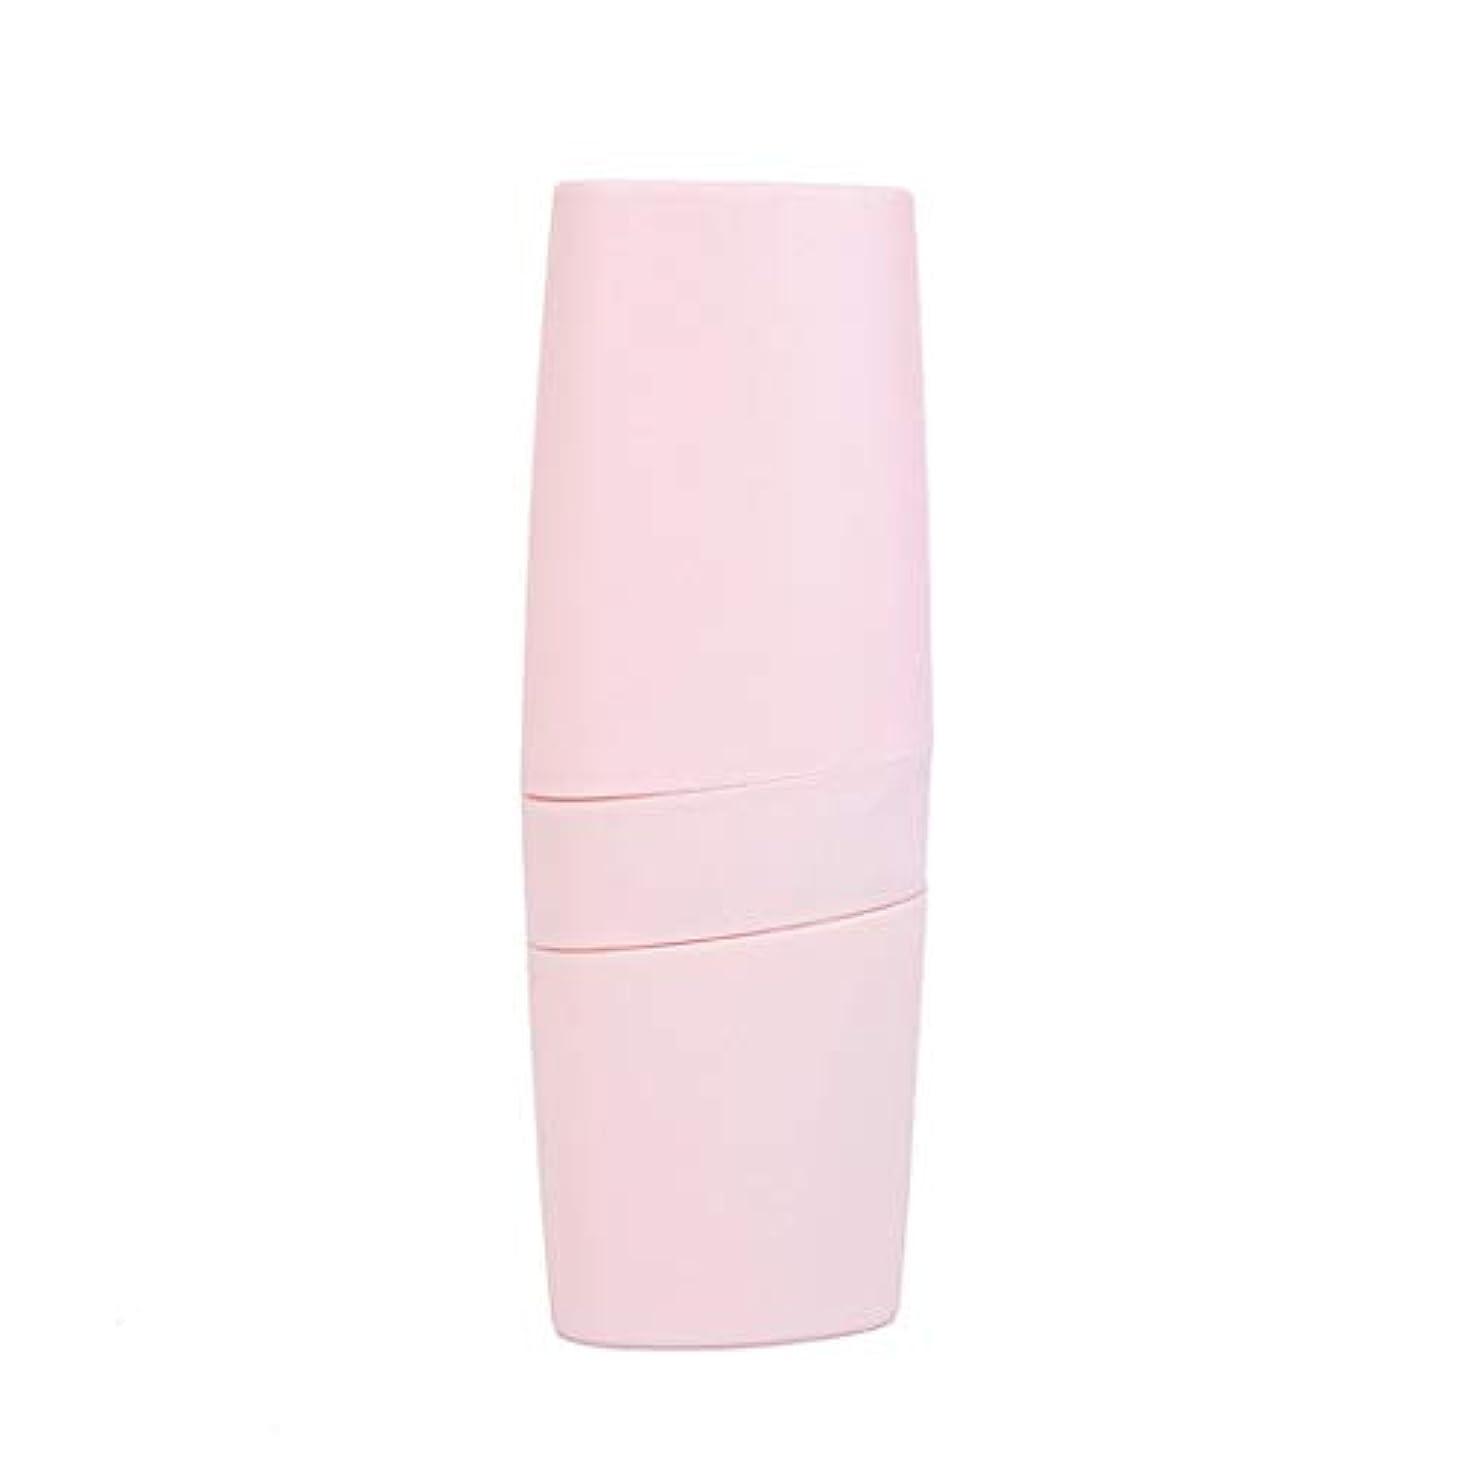 シャイ一致エイズSwiftgood 携帯用歯ブラシケース通気性歯磨き粉プラスチック収納ボックス大型歯ブラシケース